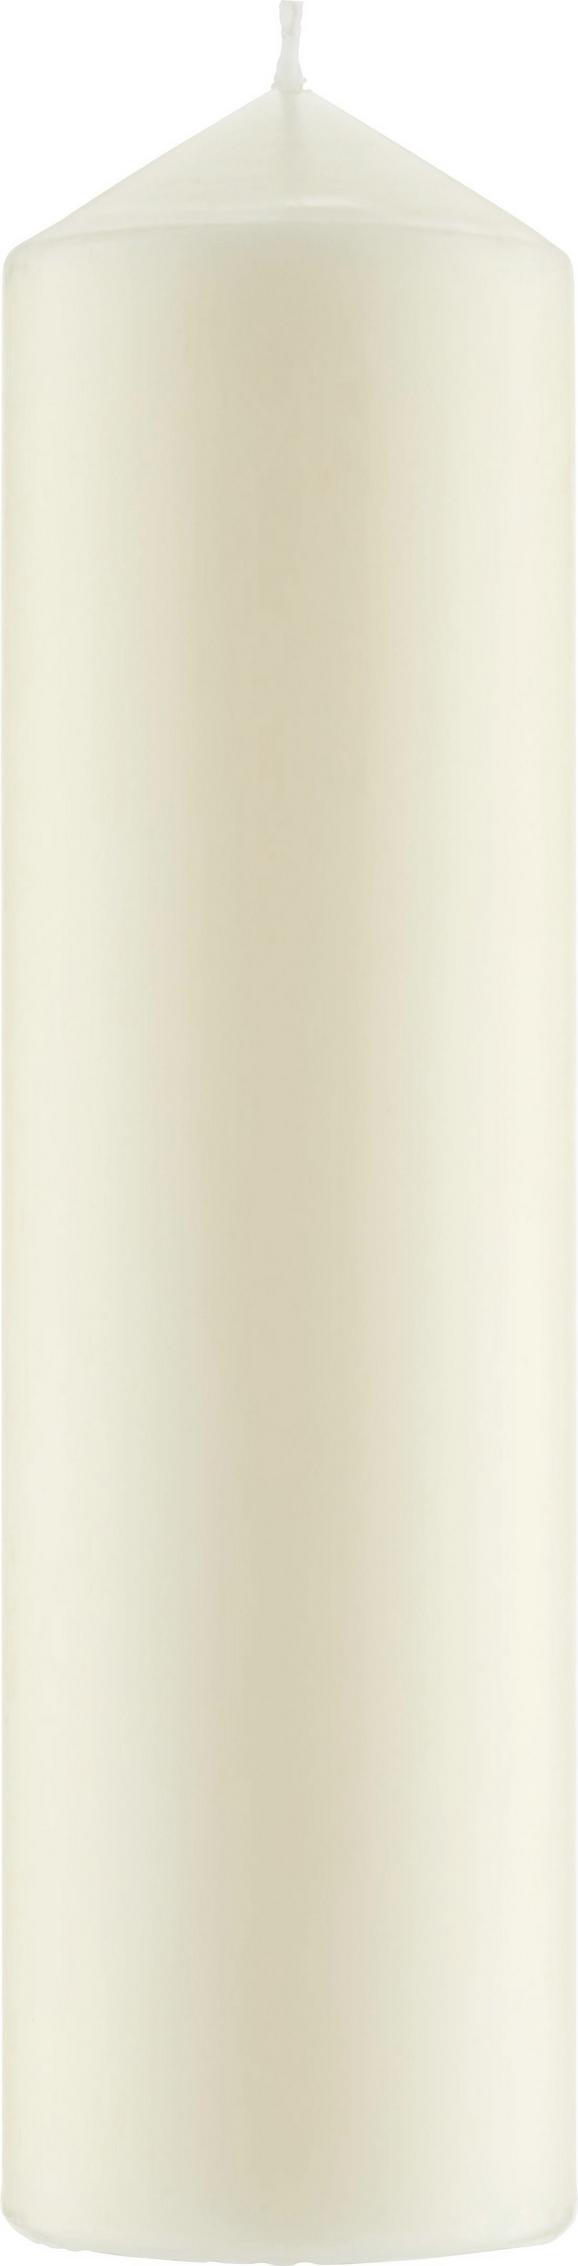 Stumpenkerze Urban in Champagner - Champagner (7/25cm) - Mömax modern living